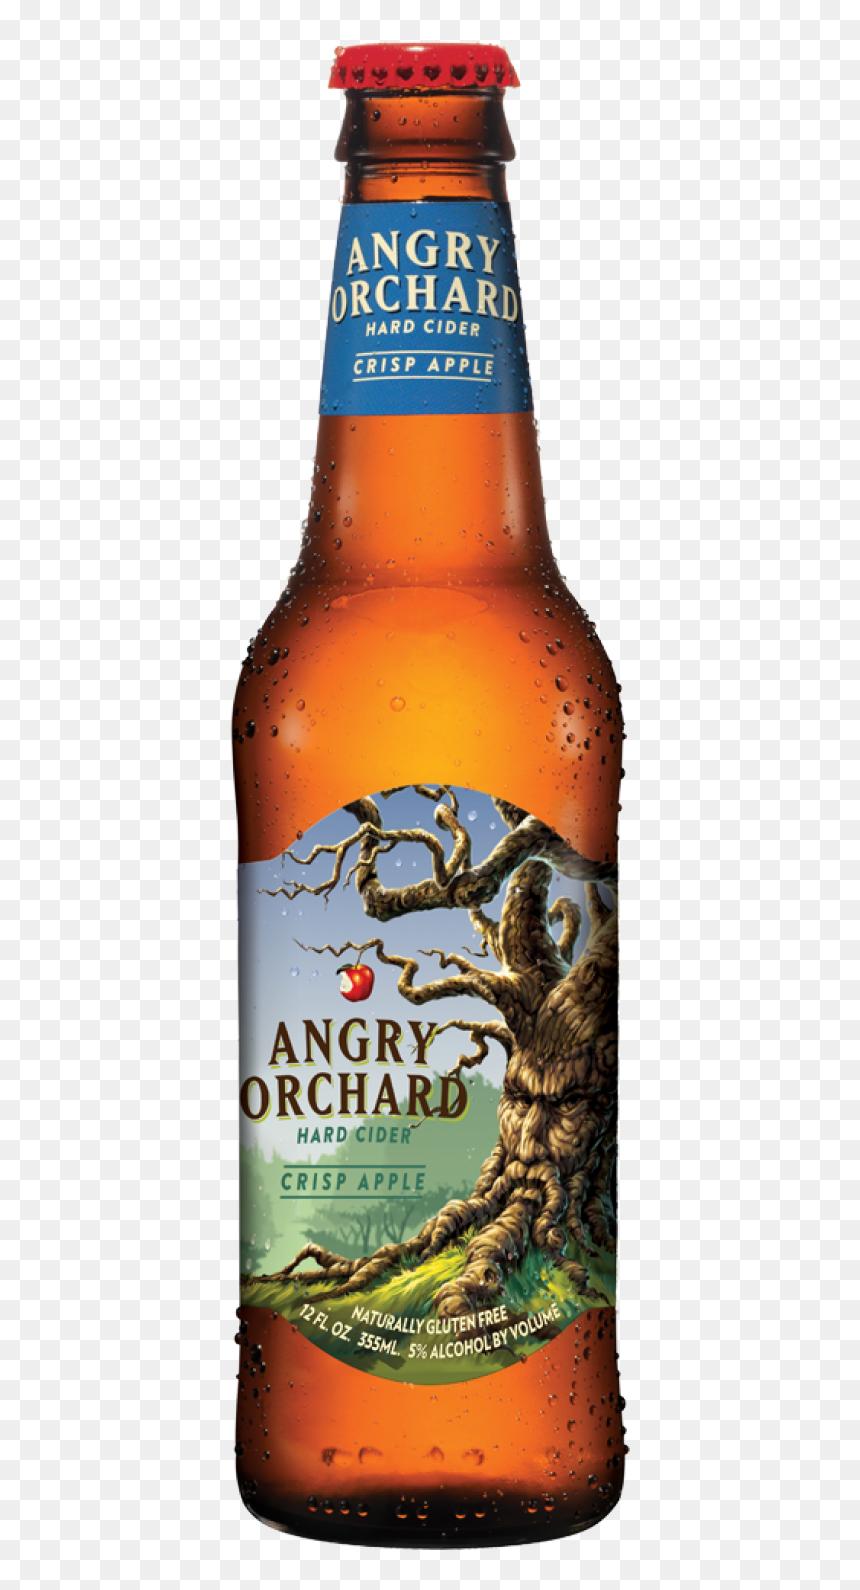 Angry Orchard Crisp Apple Cider, HD Png Download - vhv